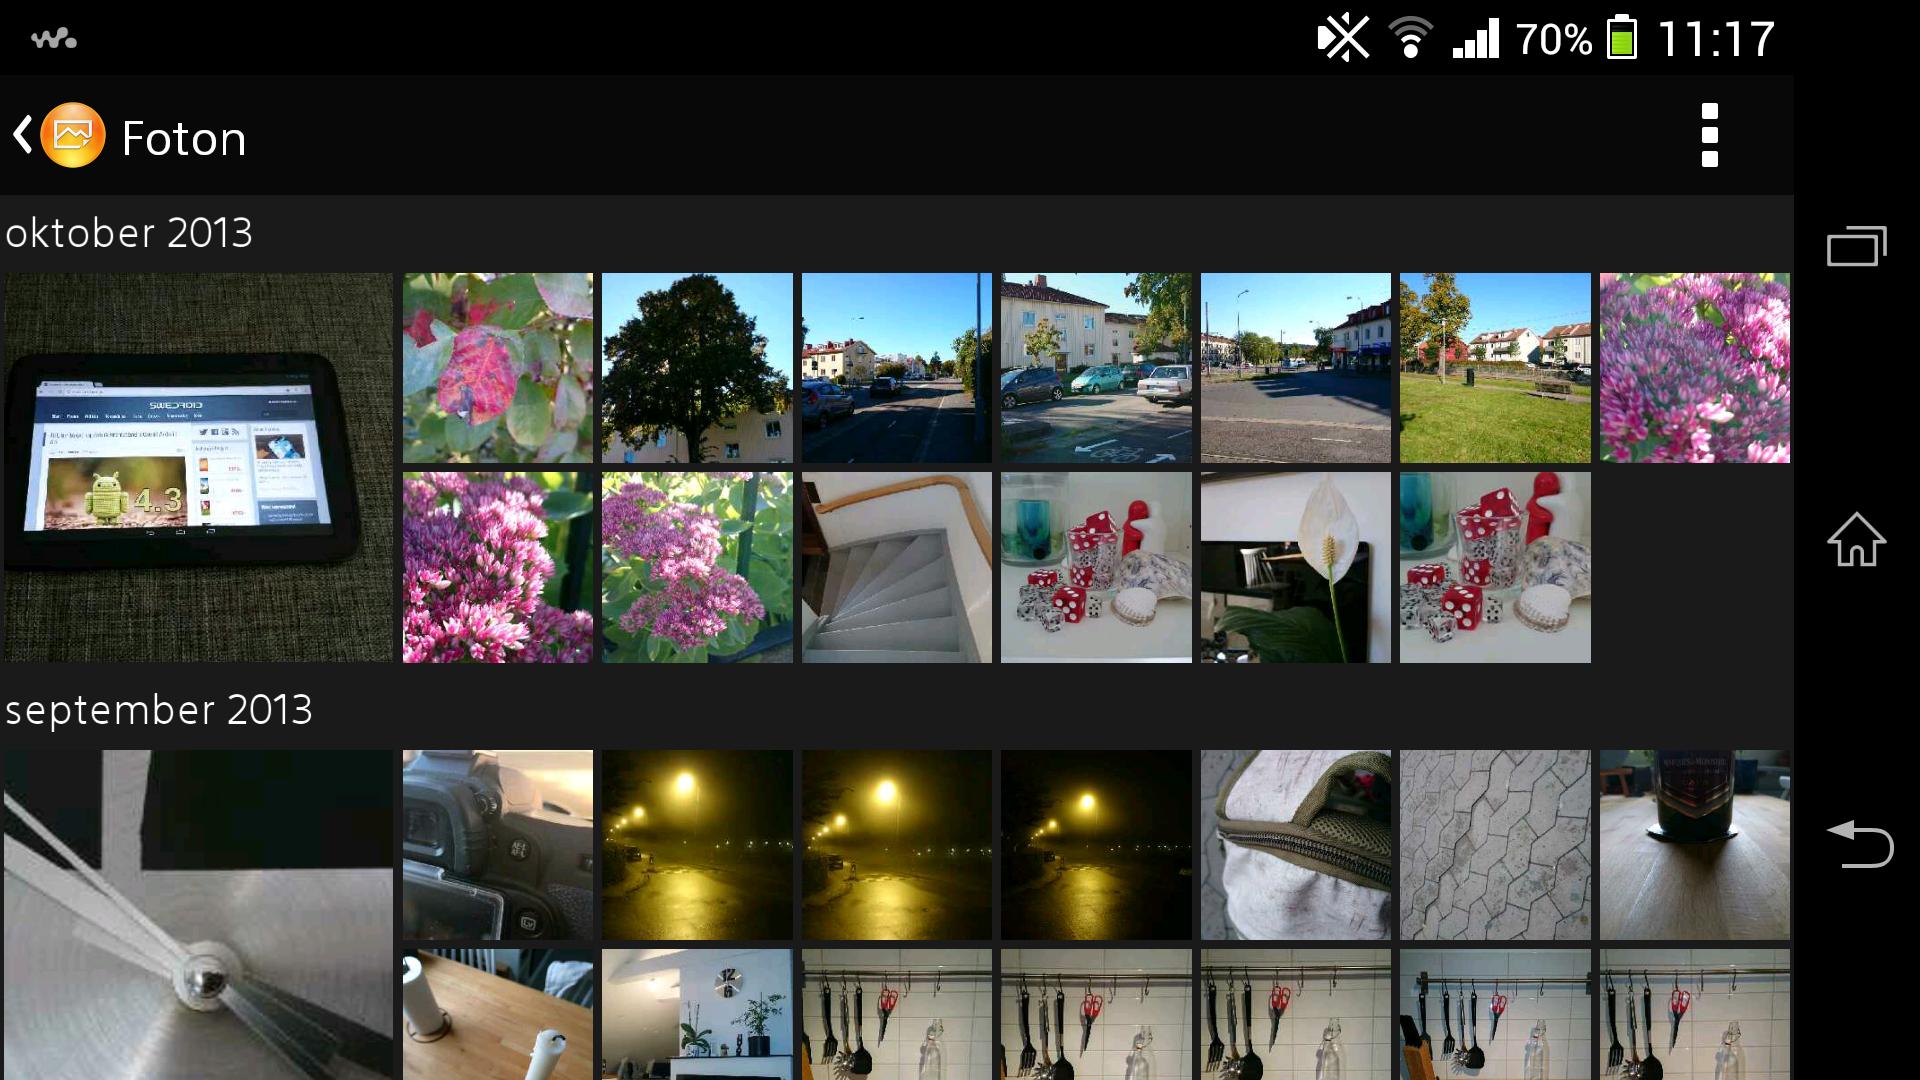 sony xperia how to take screenshot